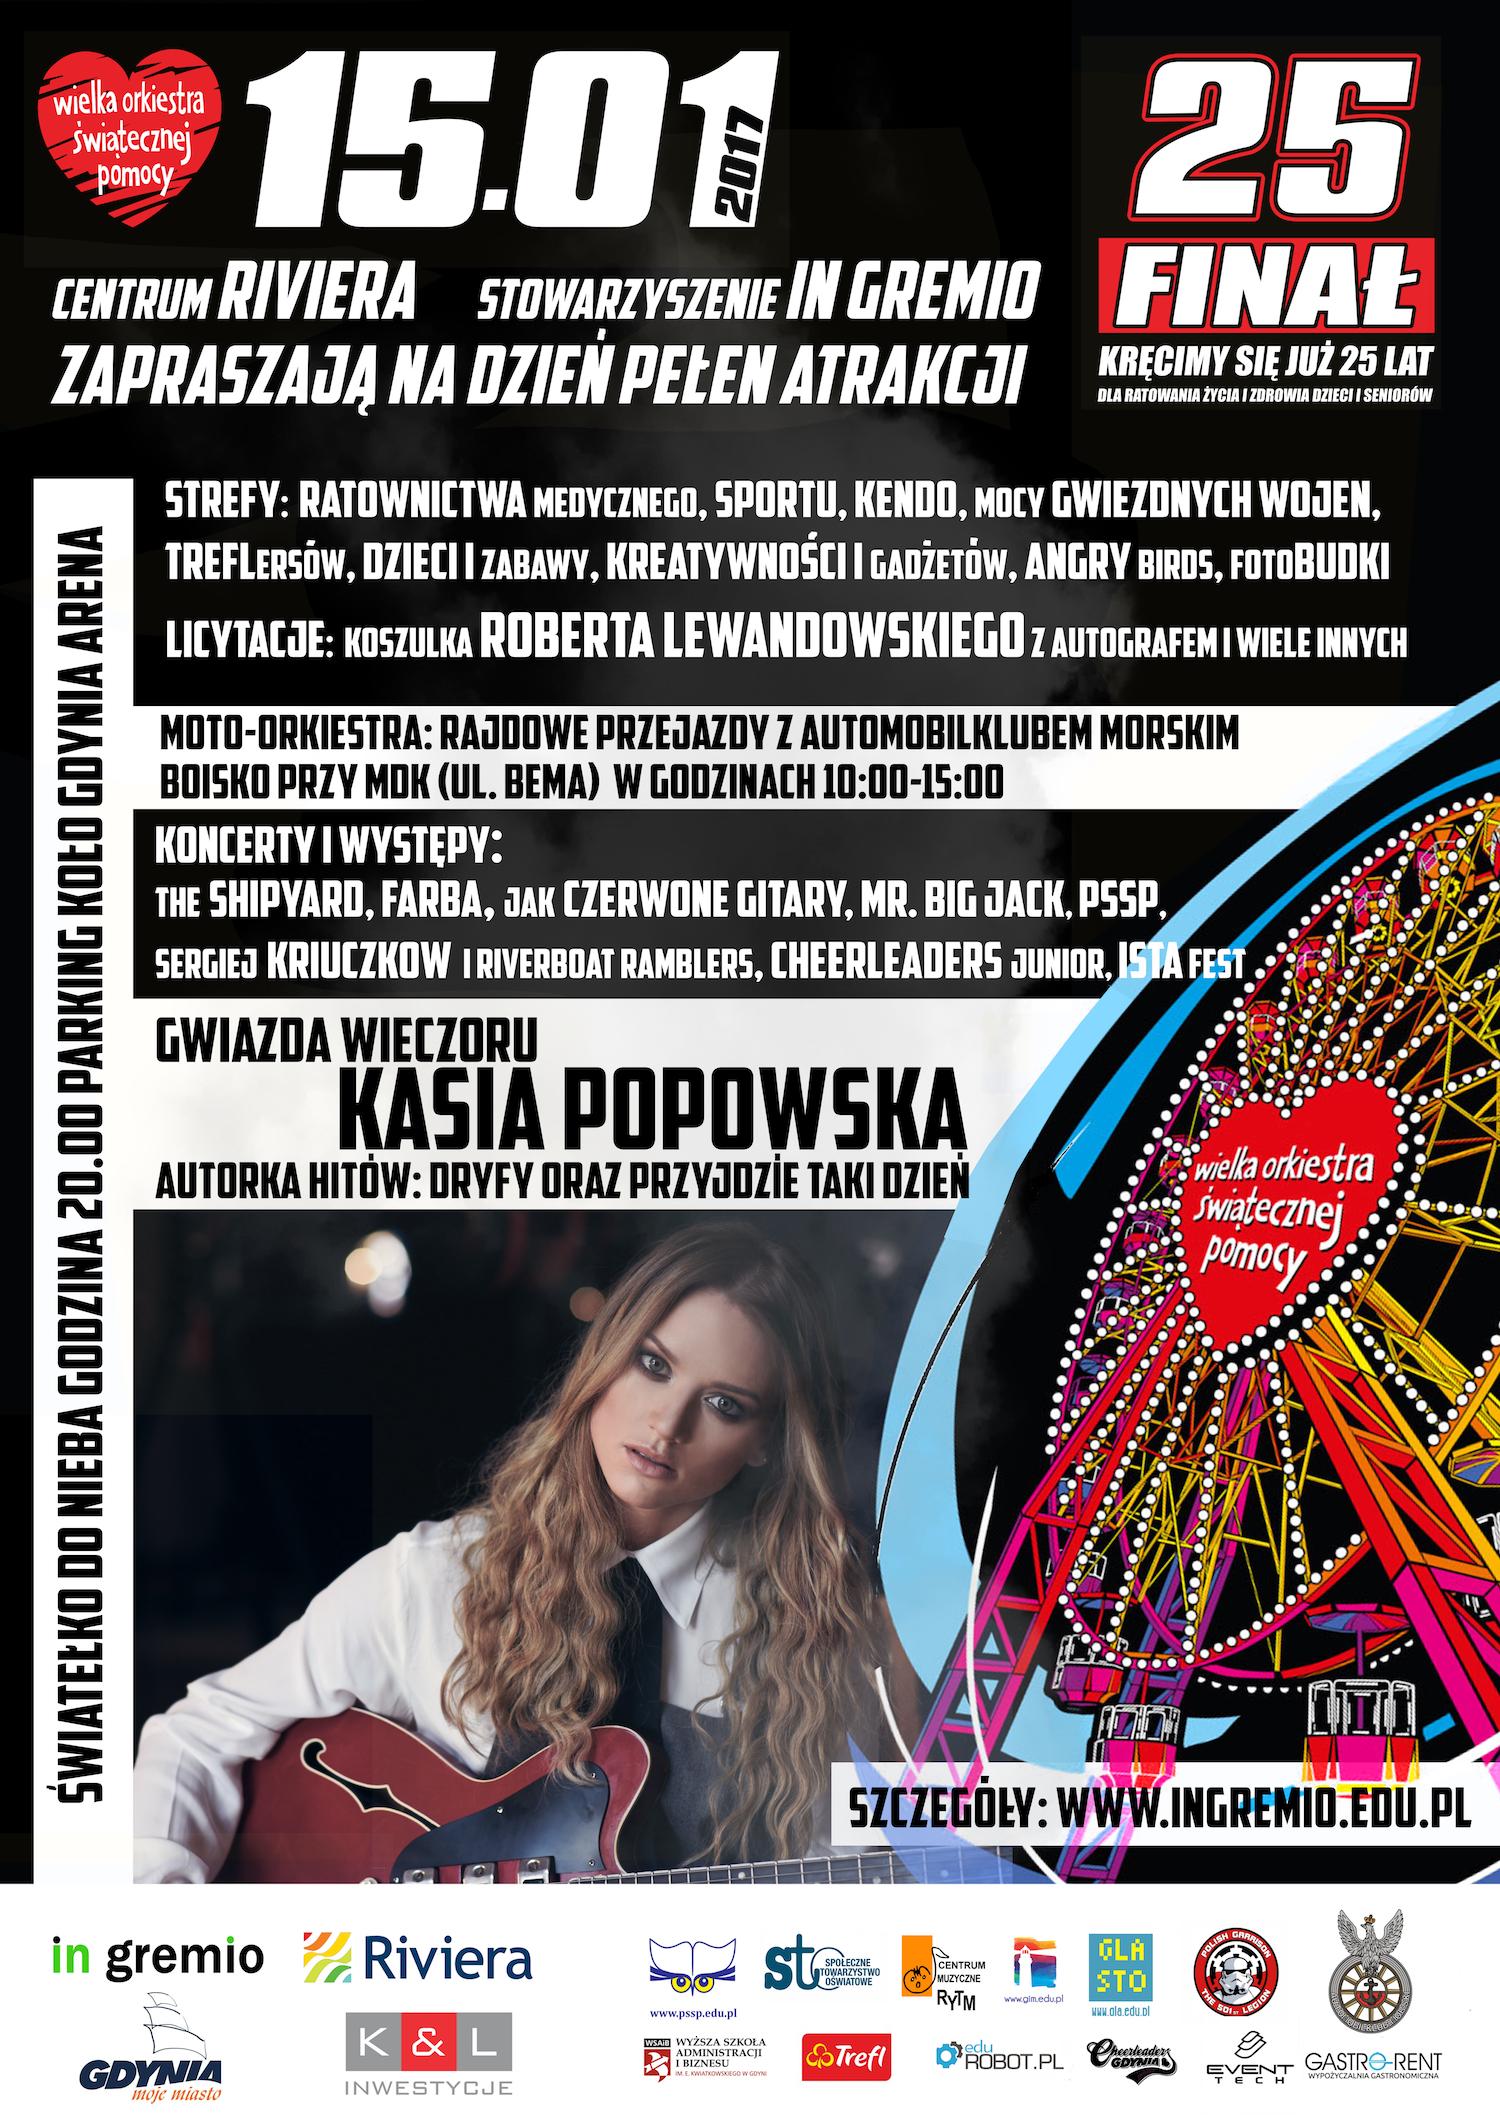 magazynkobiet.pl - WOSP20172 kopia - Moc atrakcji w Centrum Riviera. 25 finał WOŚP